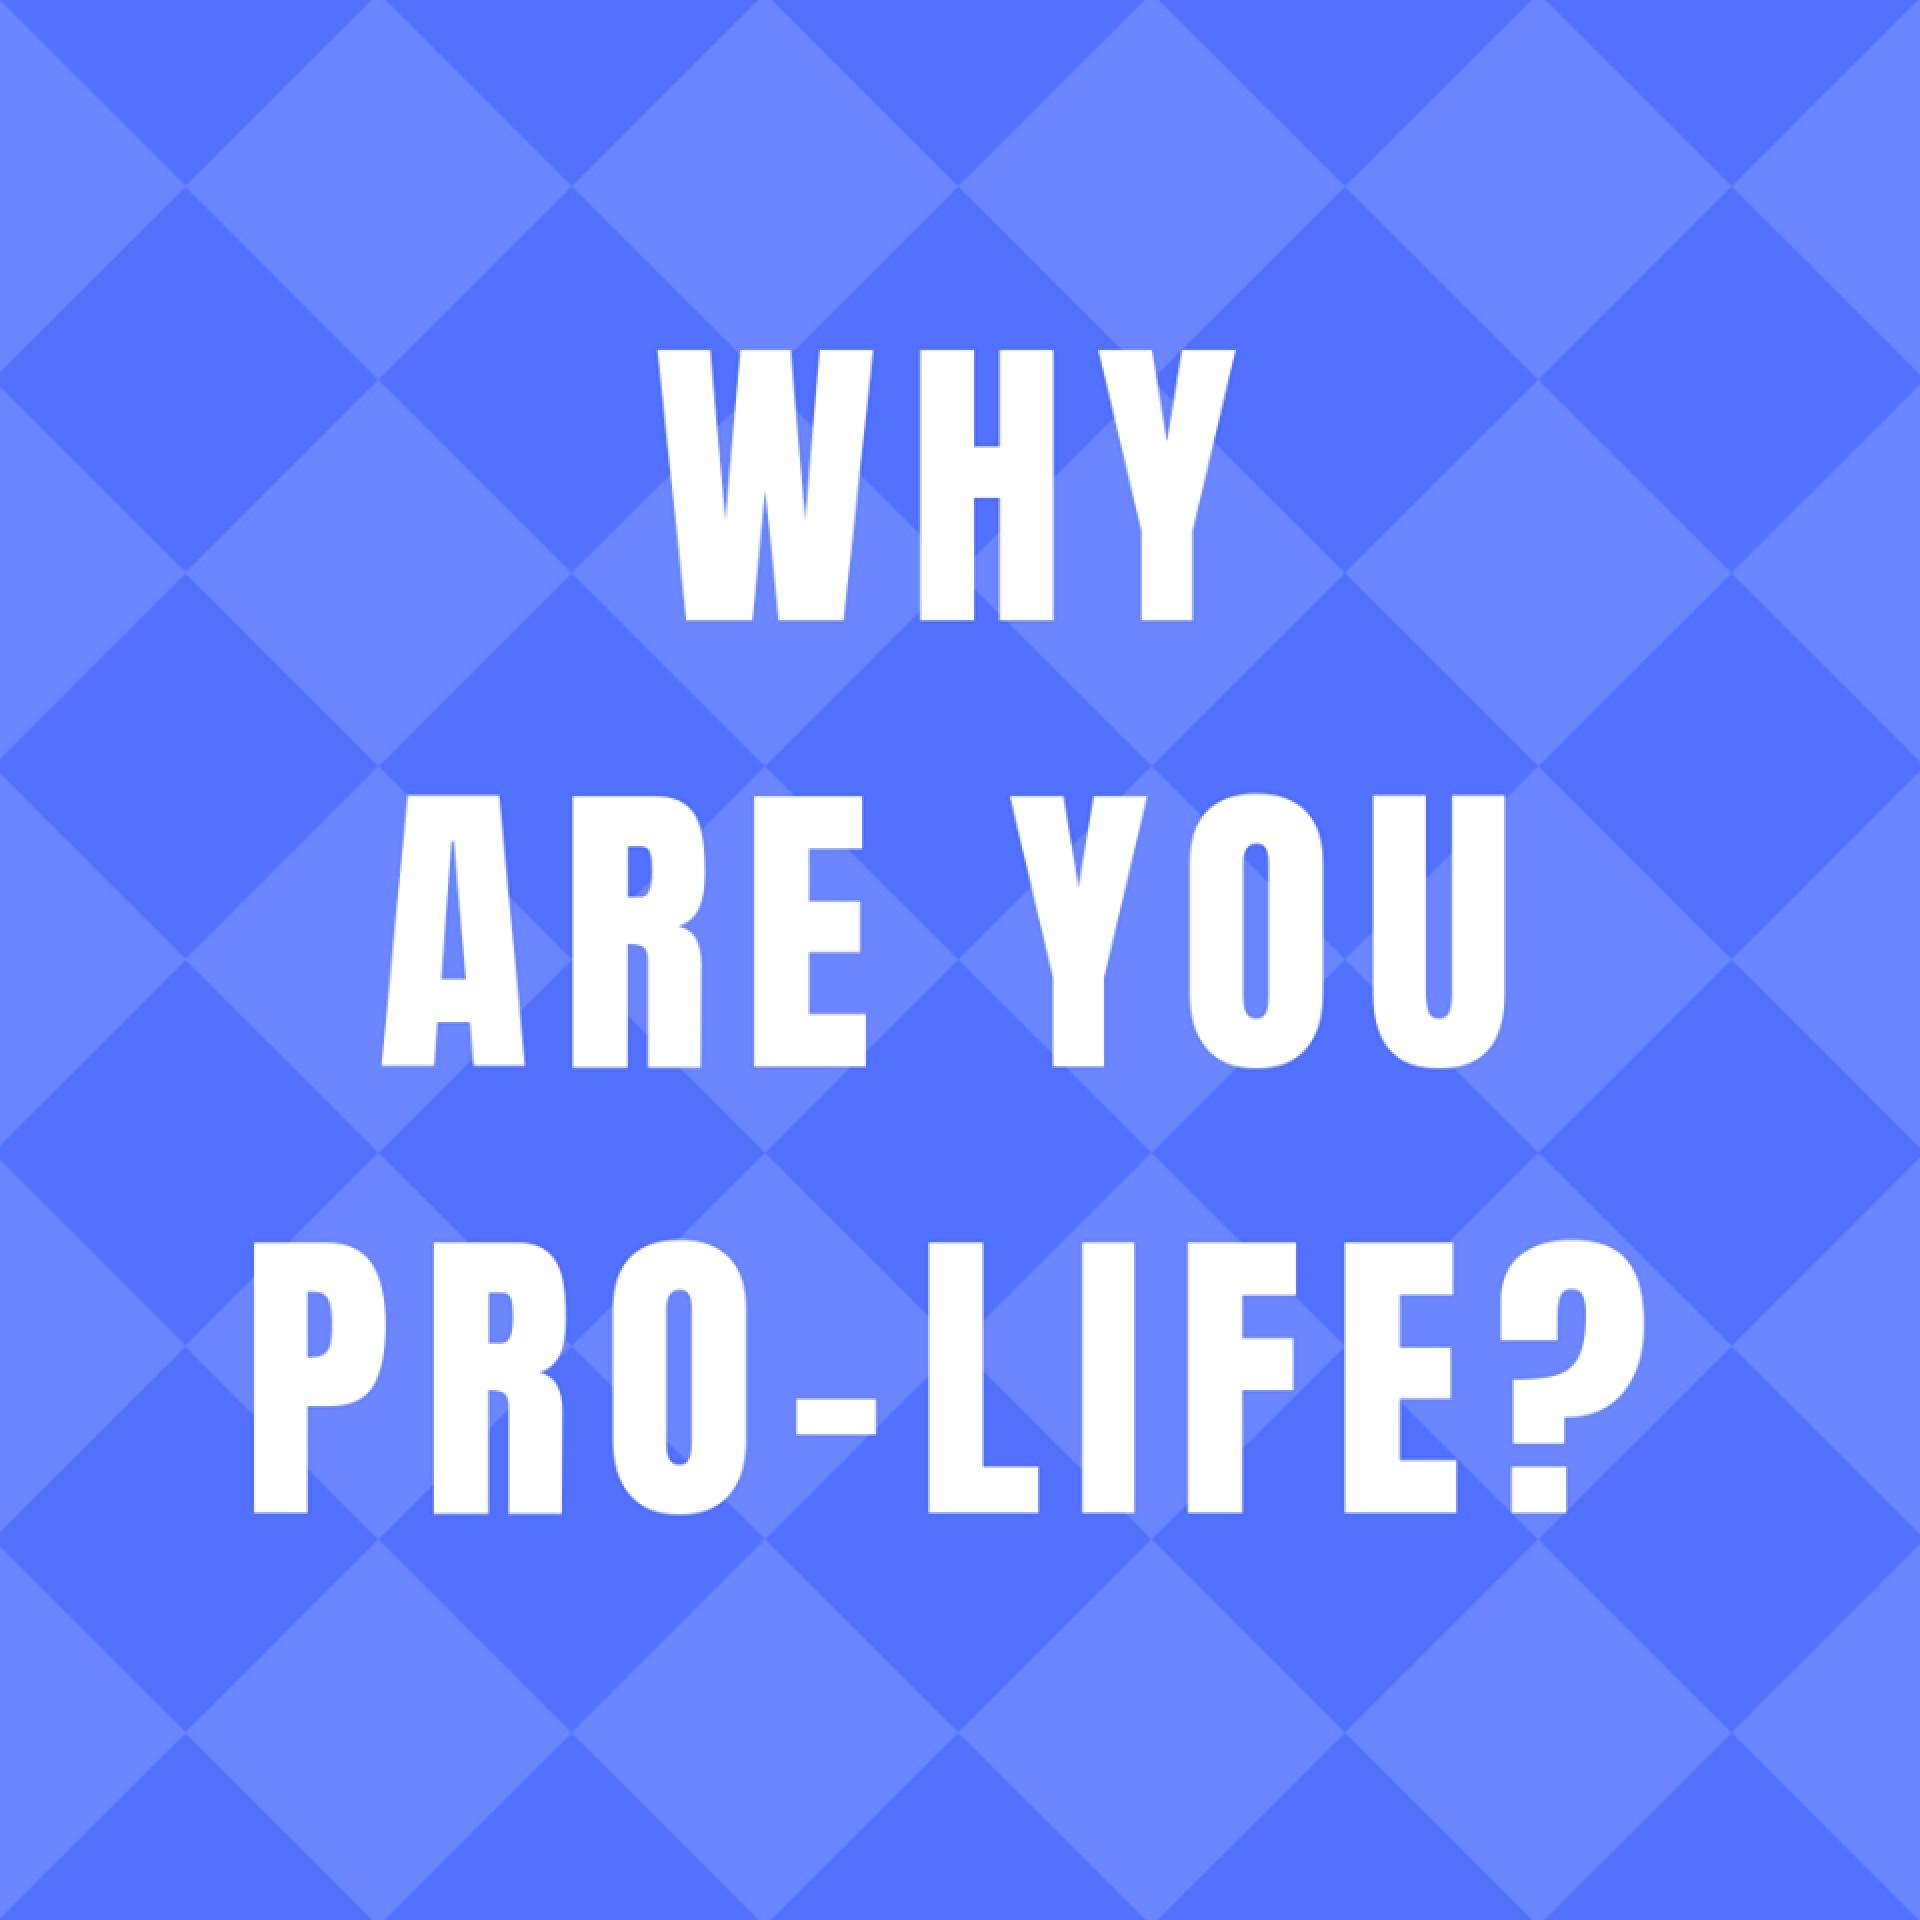 016 Pro Life Essay Whyprolife Stupendous Contest 2019 Conclusion Outline 1920